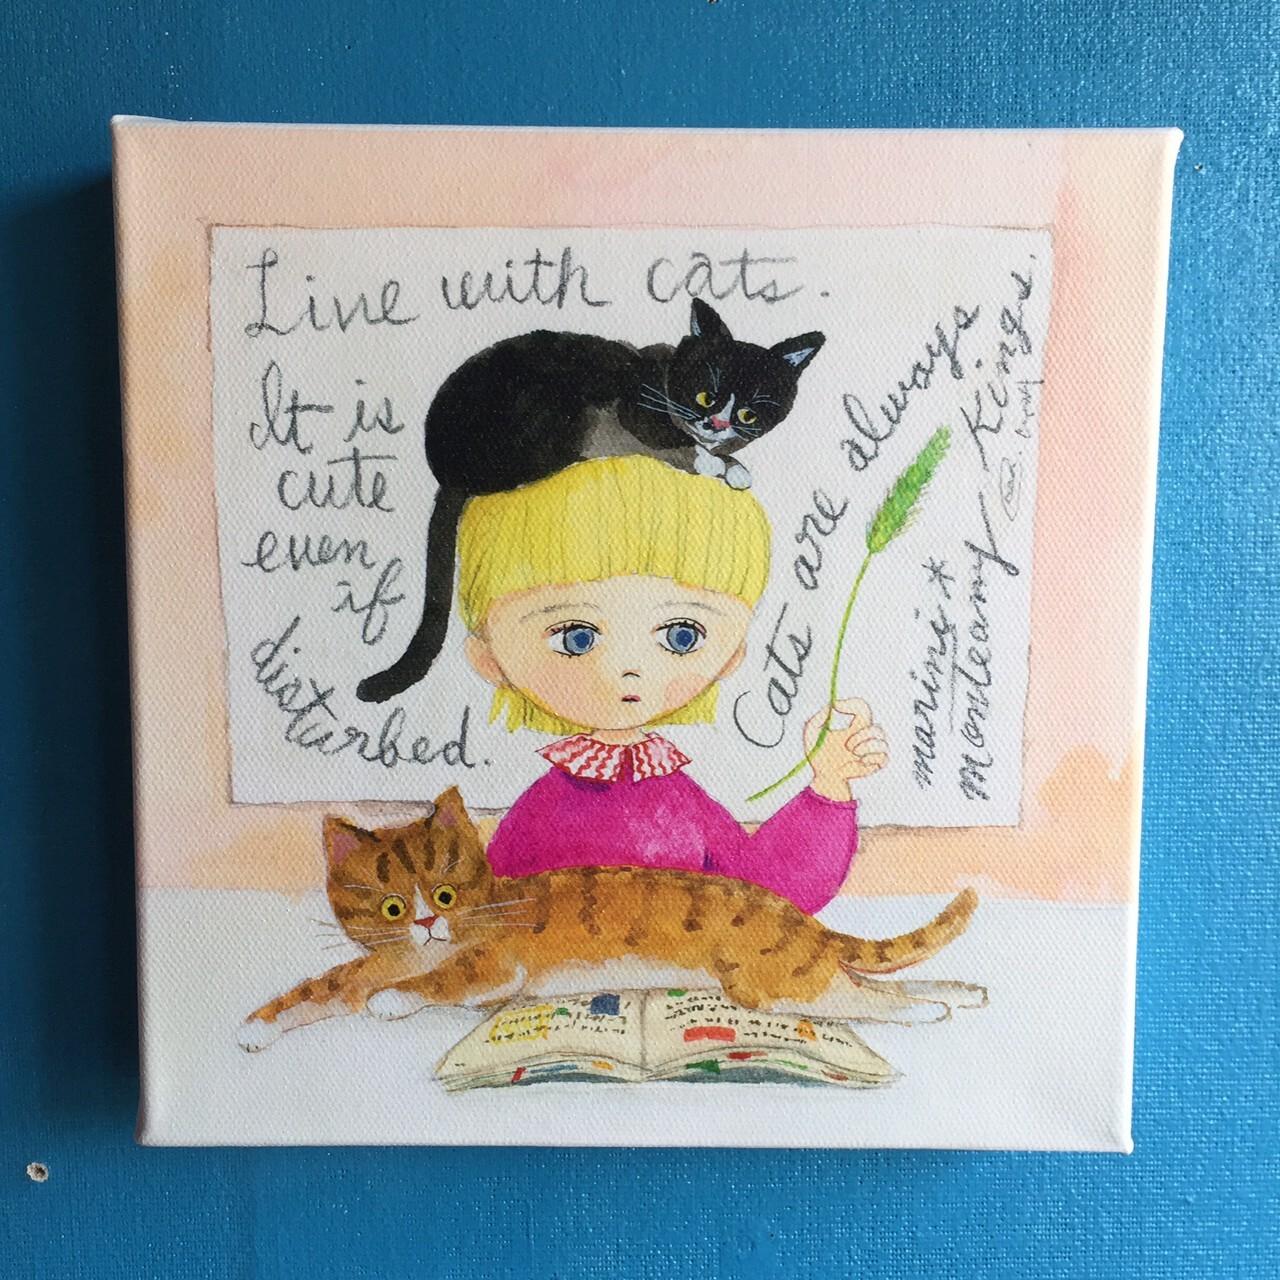 キャンバスプリント「Life with cats」